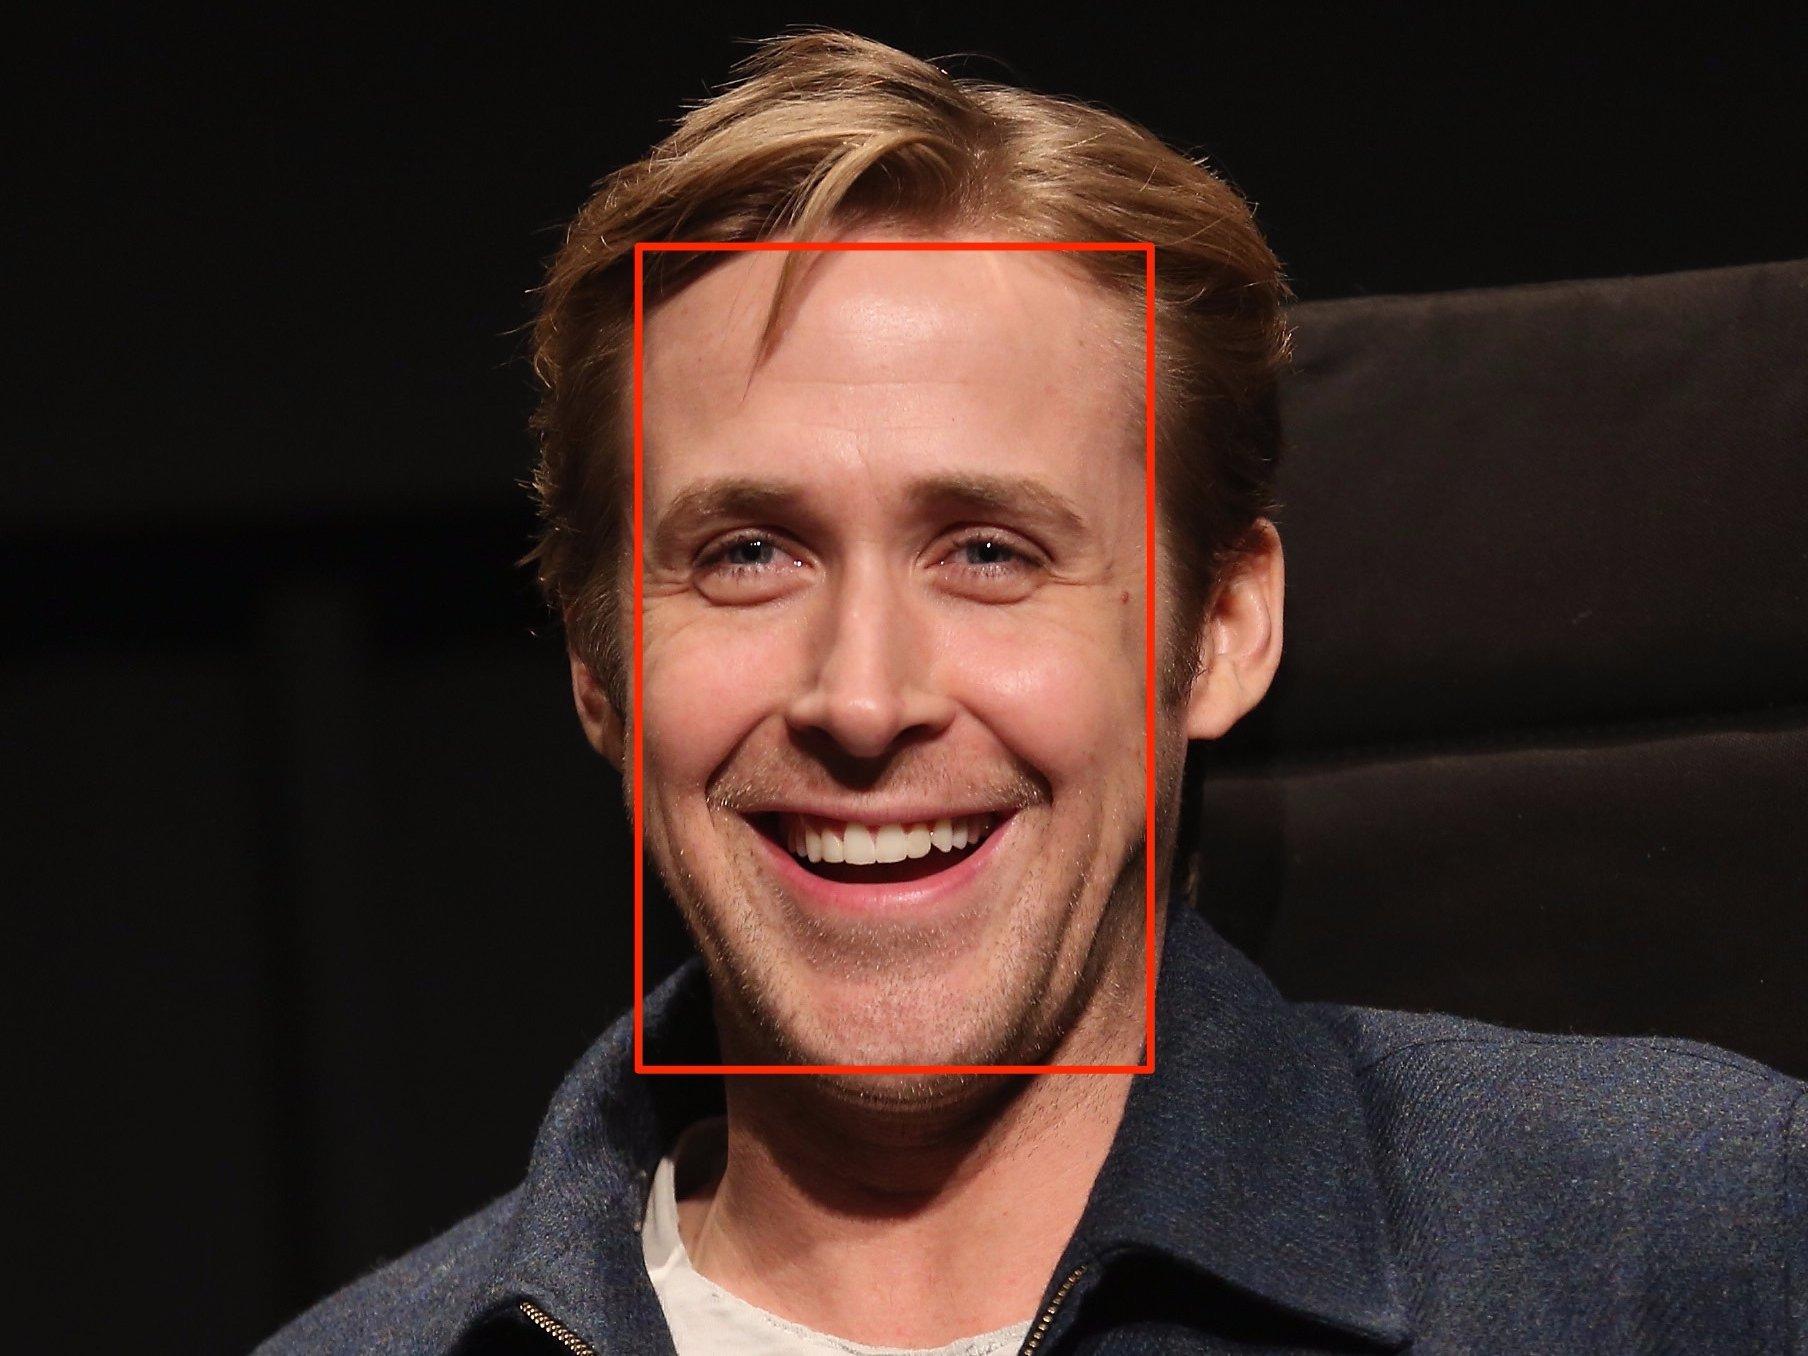 Yuvarlak Yüz Nasıl Zayıflar, Yüz Nasıl Zayıflar